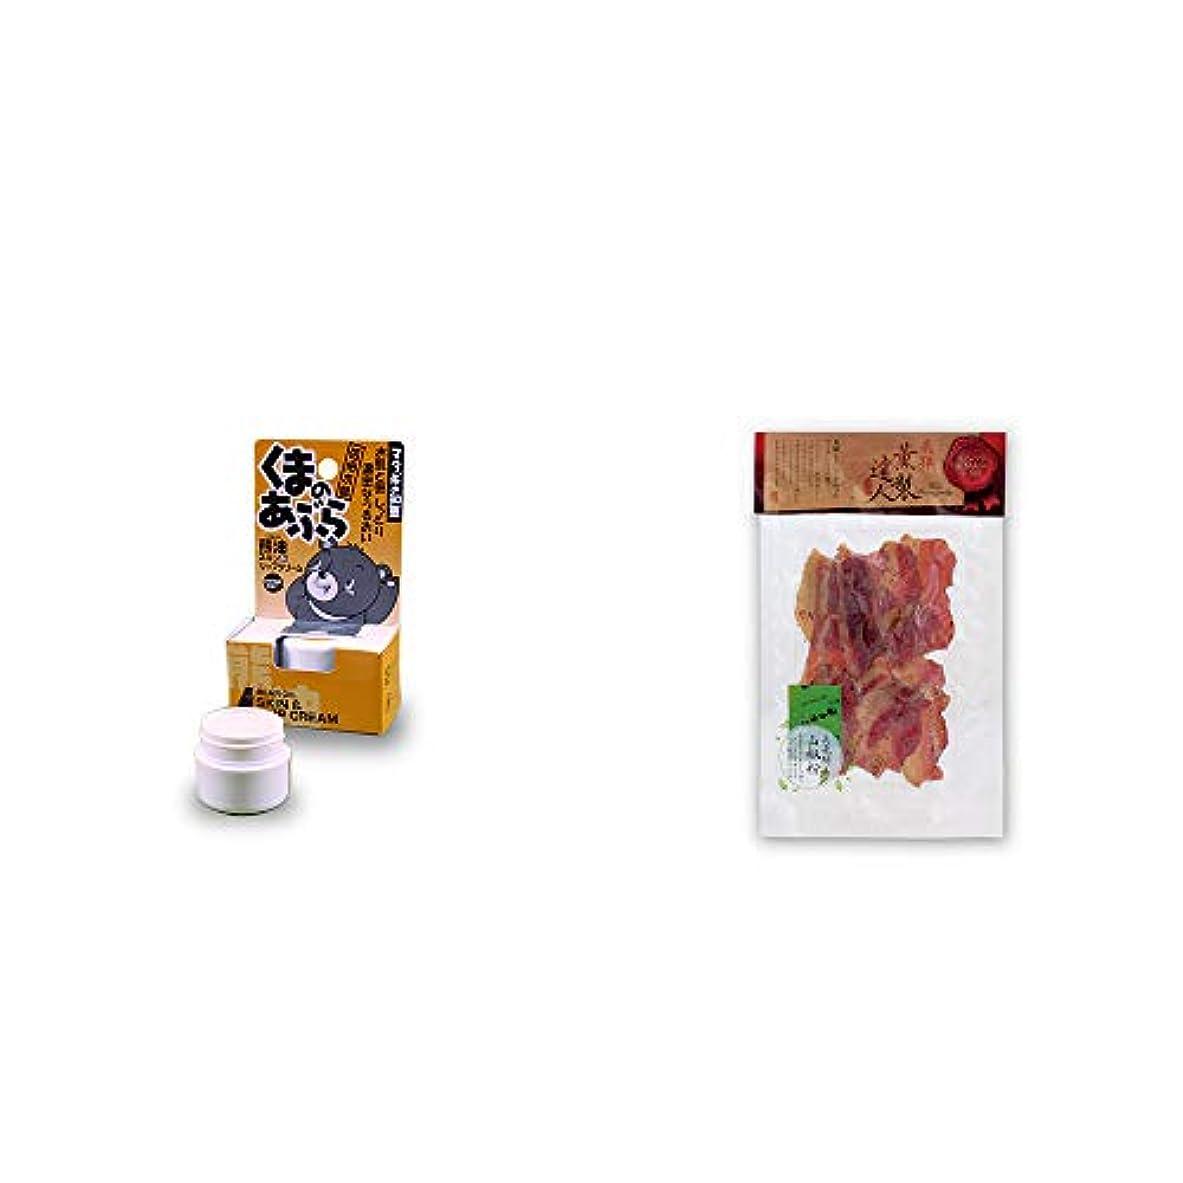 モジュール戸棚夜間[2点セット] 信州木曽 くまのあぶら 熊油スキン&リップクリーム(9g)?薫製達人 豚バラベーコン燻製(60g)[飛騨山椒付き]